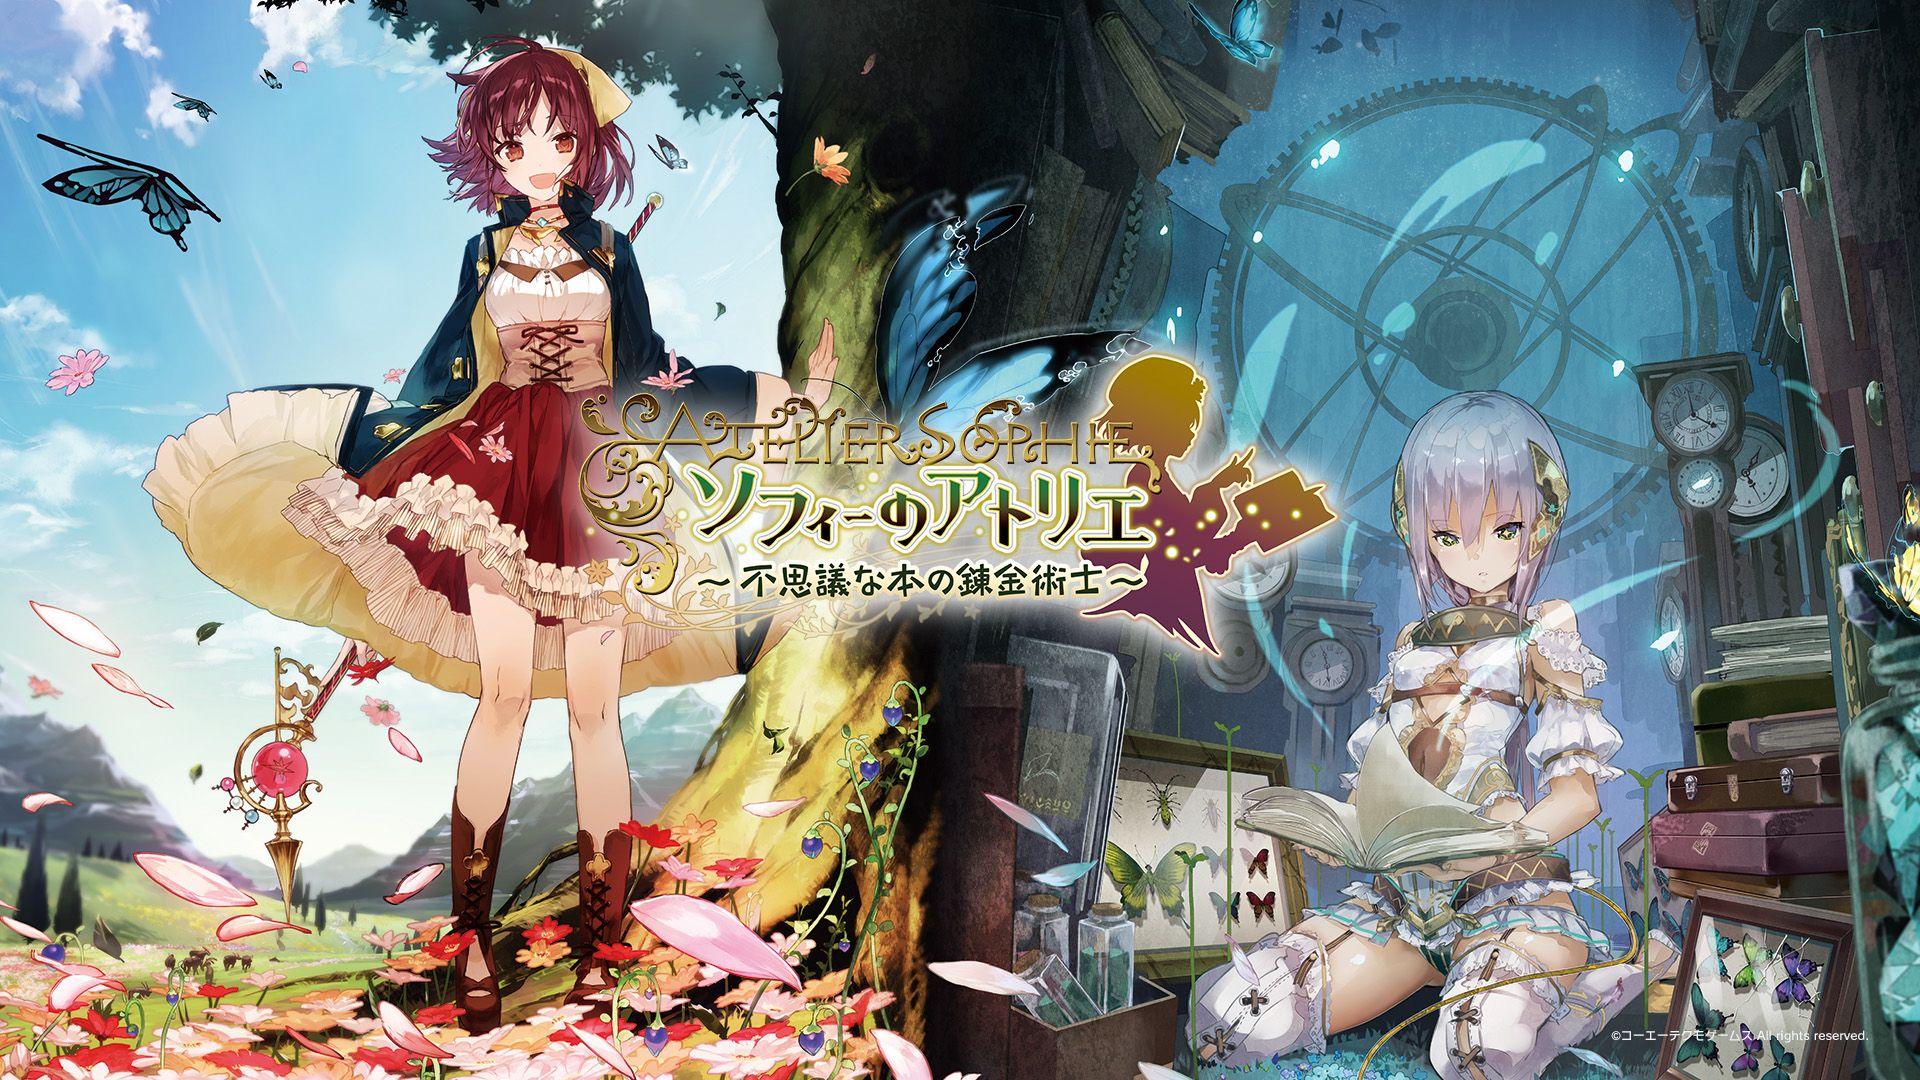 ソフィーのアトリエ 不思議な本の錬金術 ソフィー ゲームデザイン 花